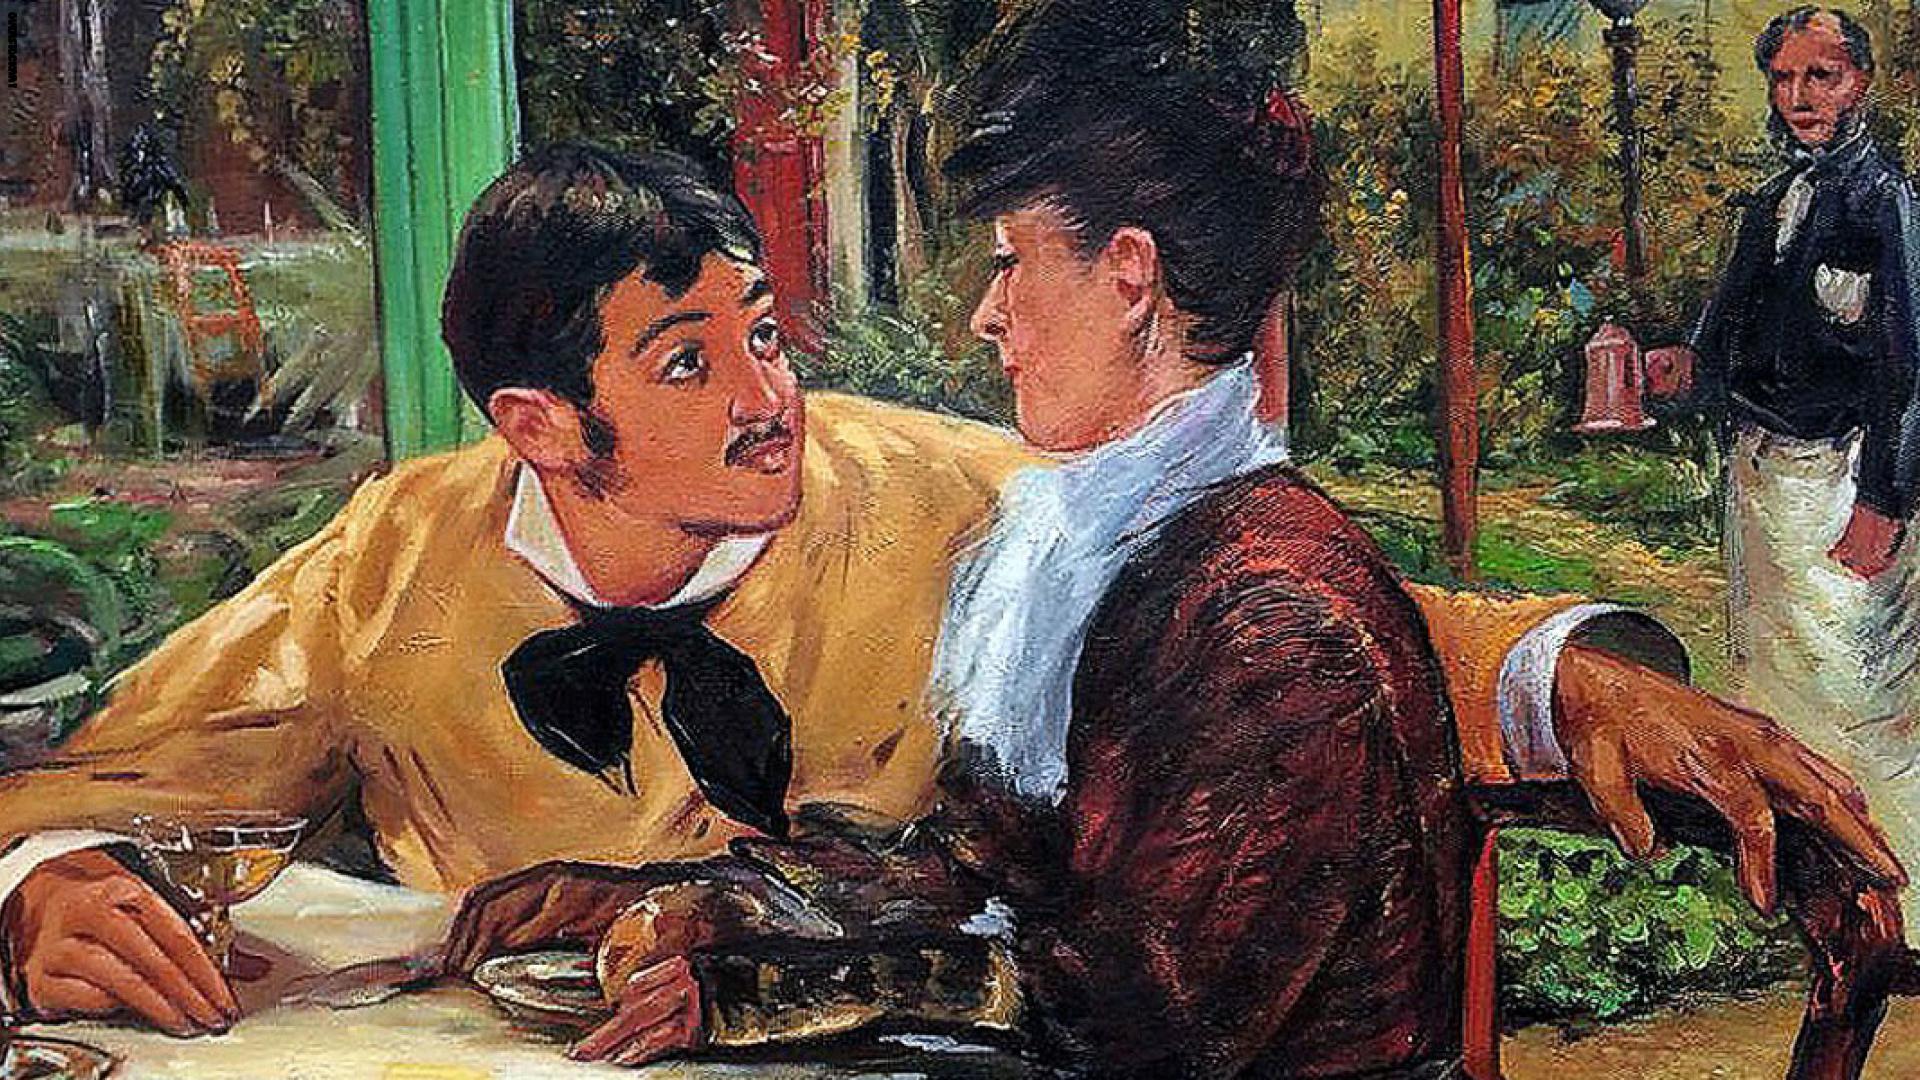 صورة لوحات عالمية عن الحب , اجمل رسومات الحب حول العالم